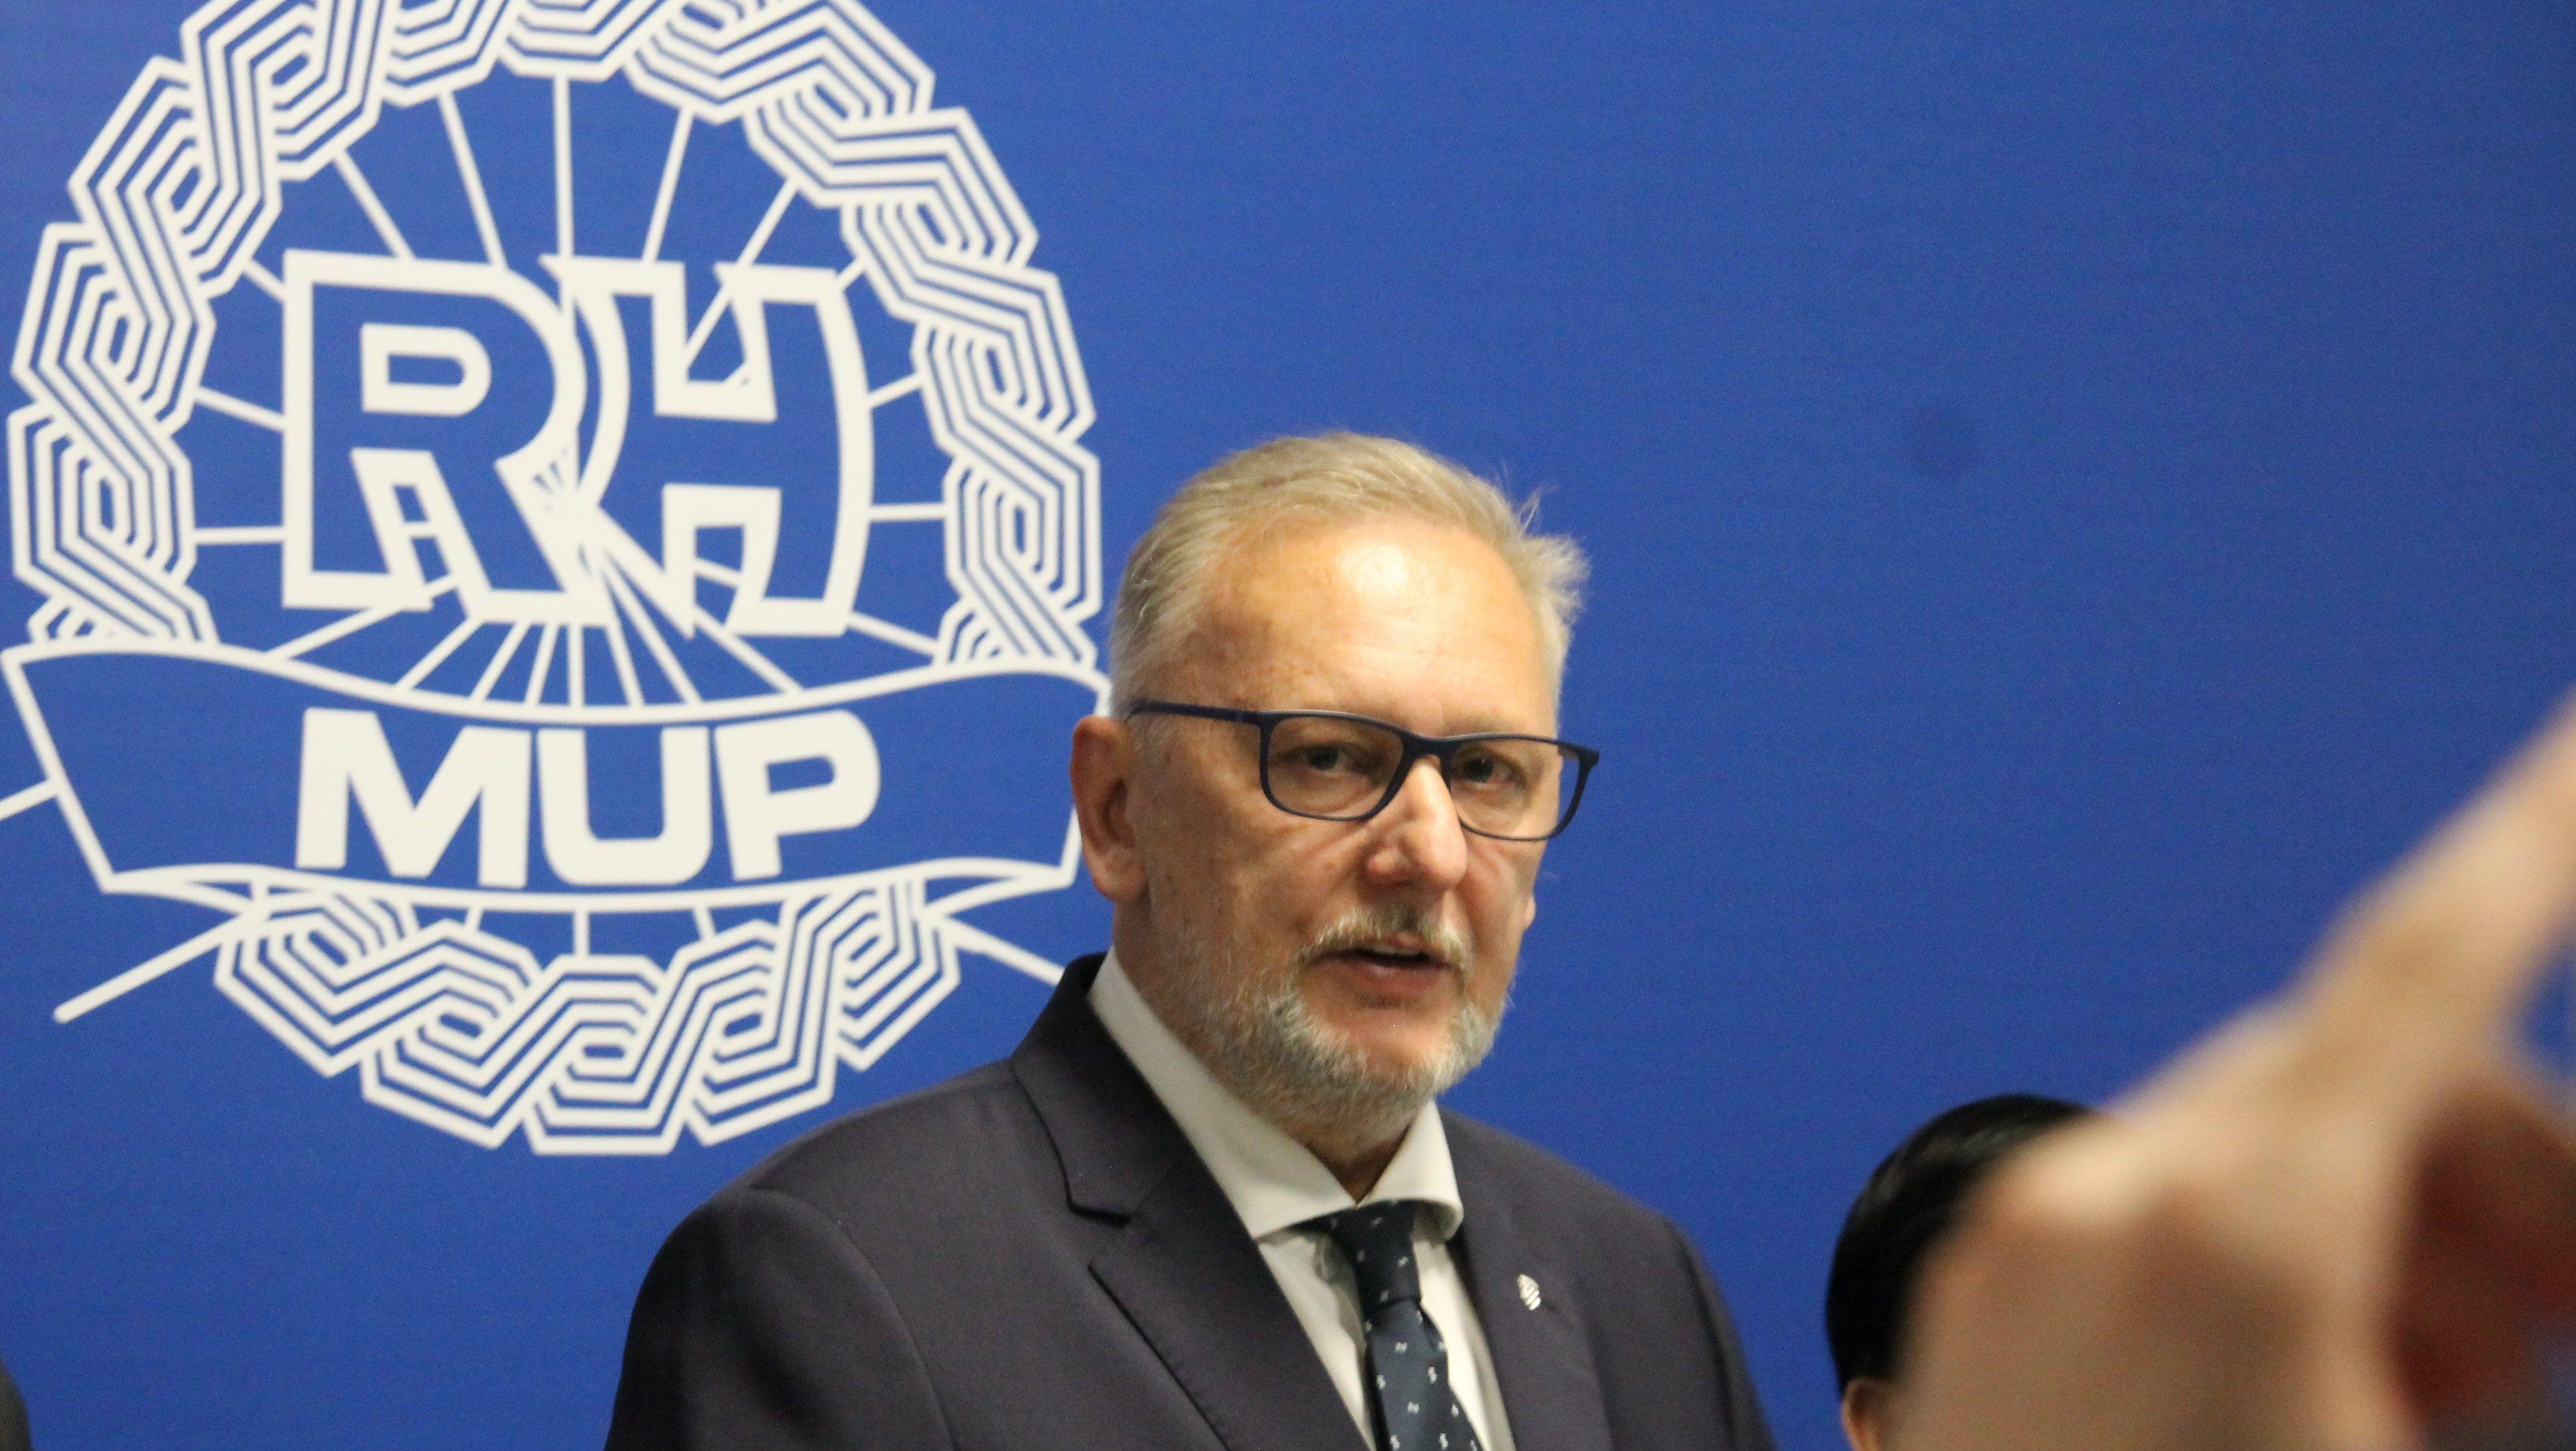 Božinović: Policija postupila profesionalno nakon šesterostrukog ubojstava na Kajzerici